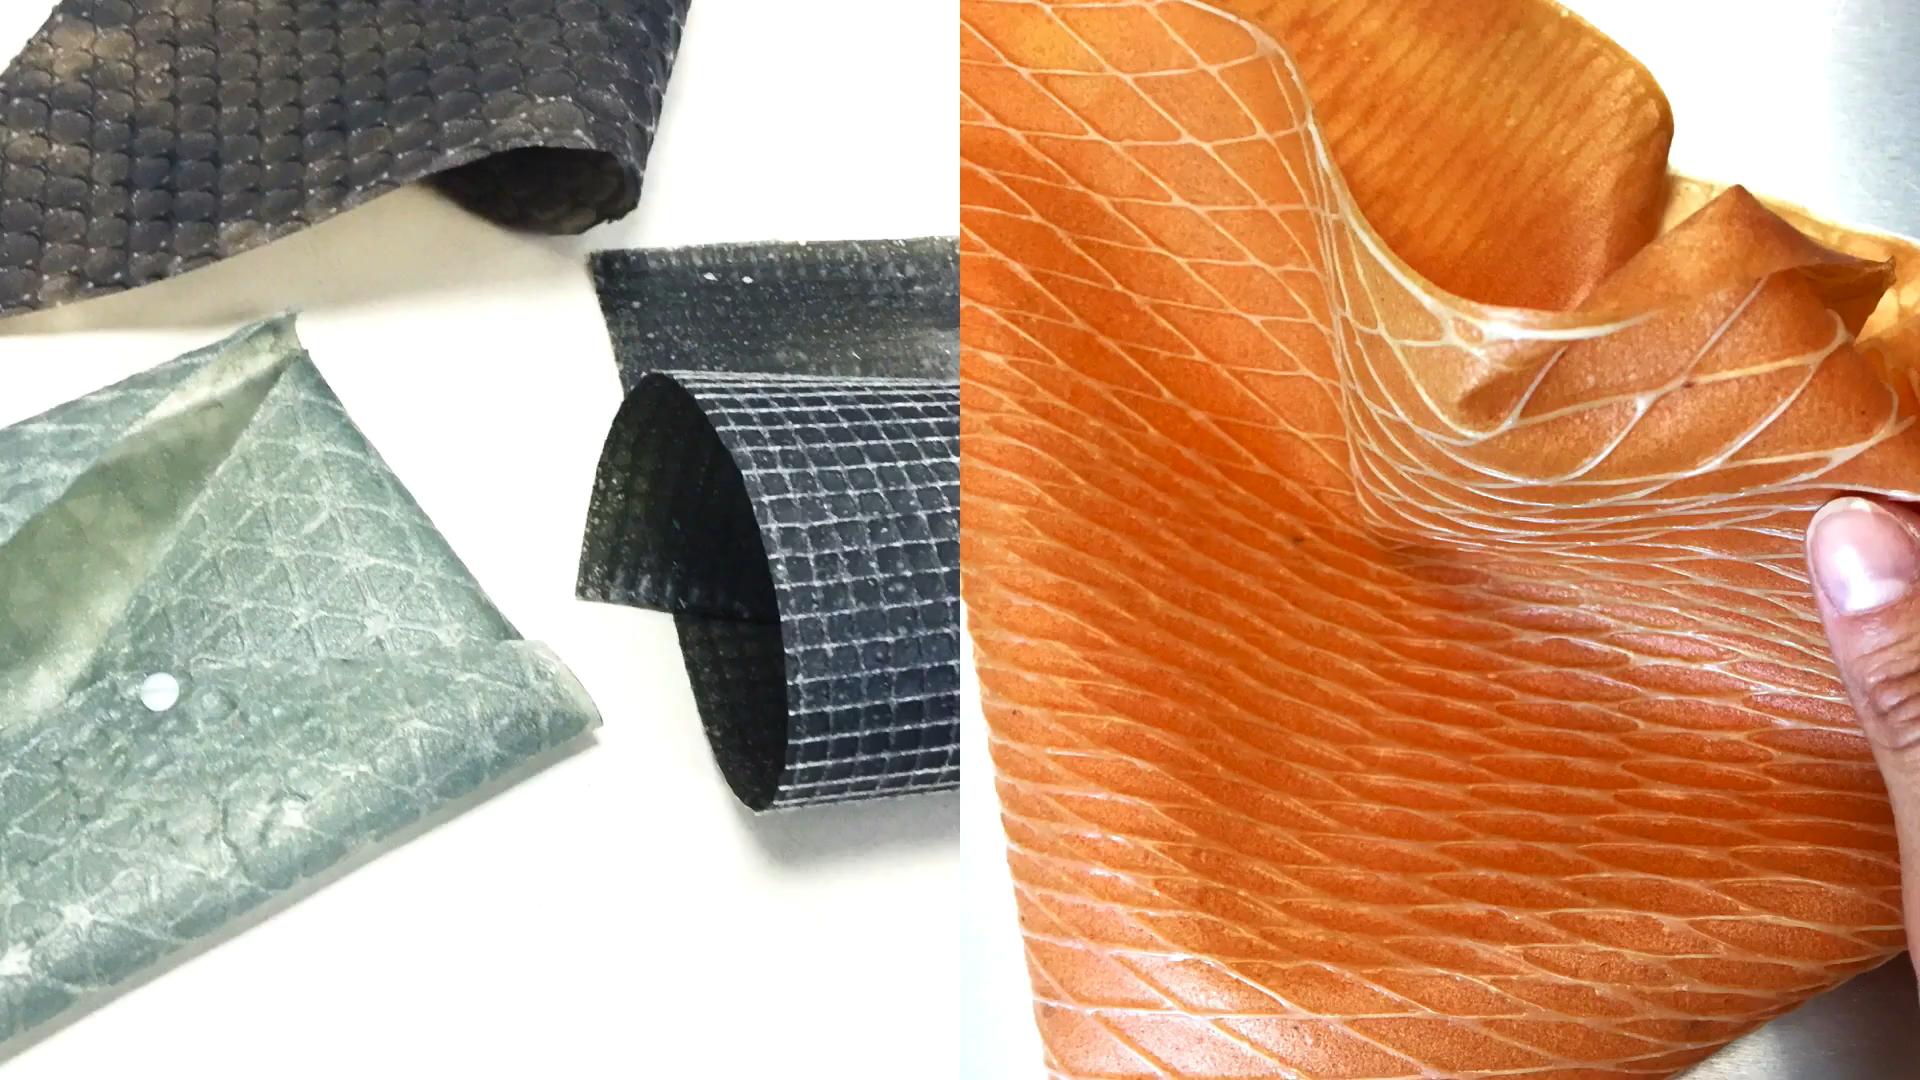 Американские ученые создали искусственную кожу из шелка